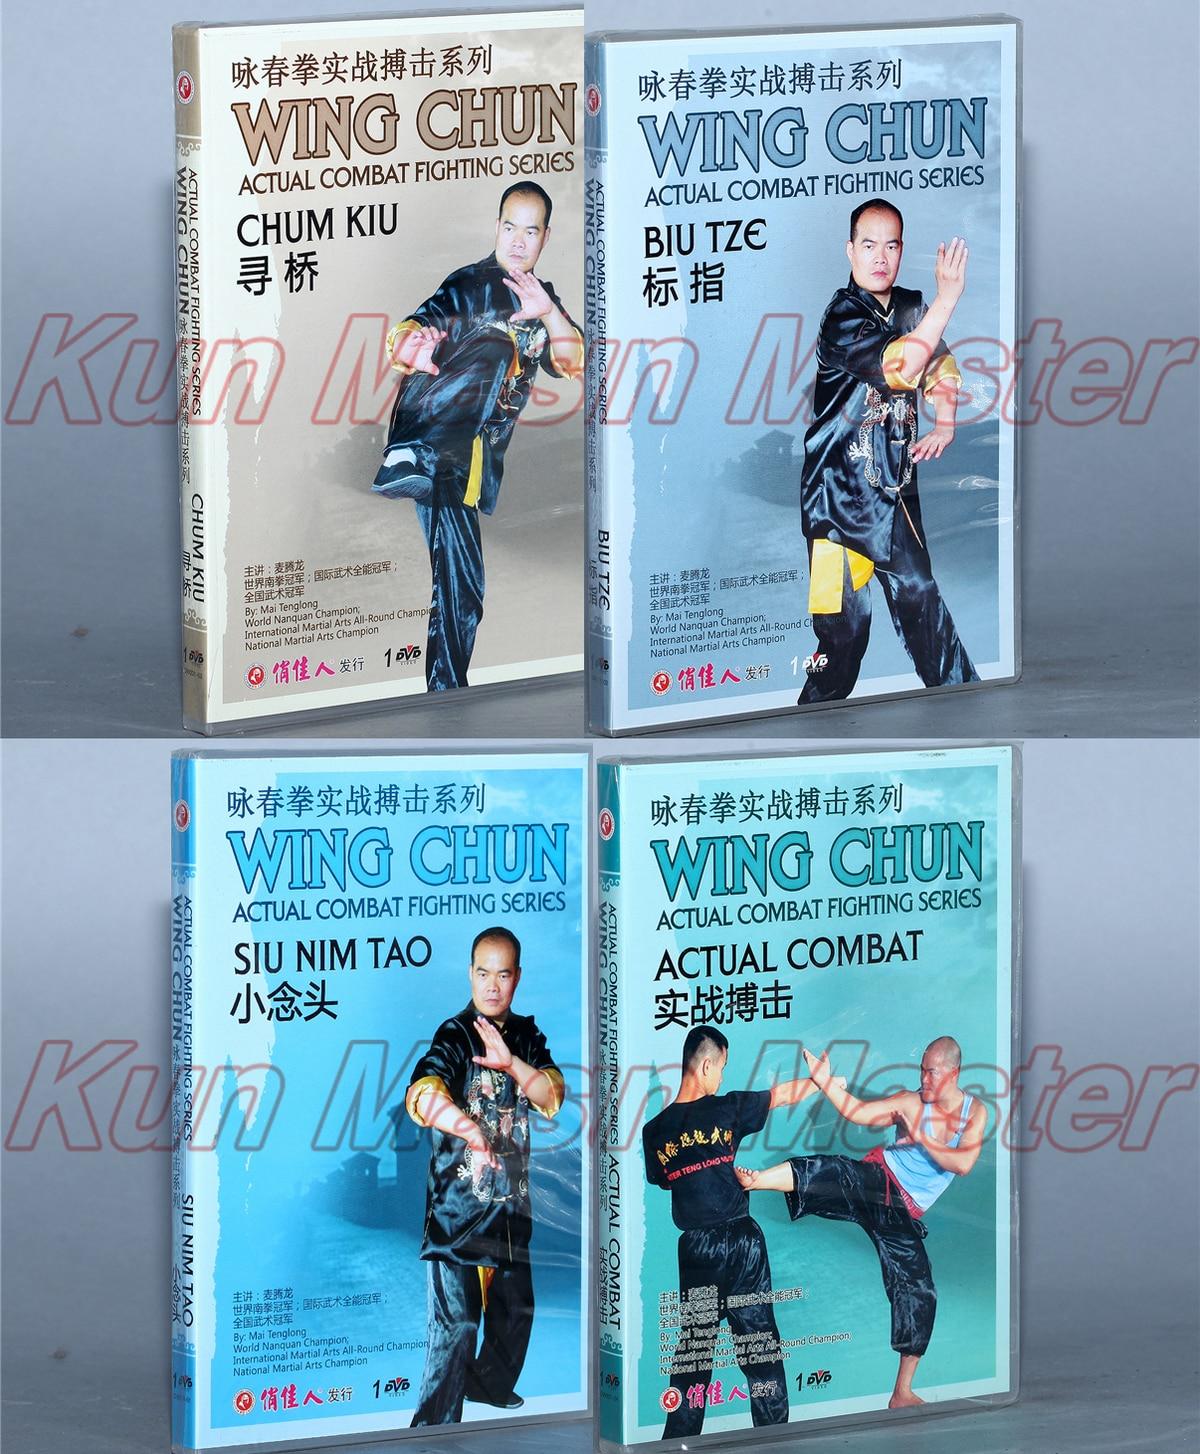 Набор Wing chun реальных боевых борьба серии видео Китайский кунг-фу диск Ен Чун обучение DVD английскими субтитрами 4 dvd ...